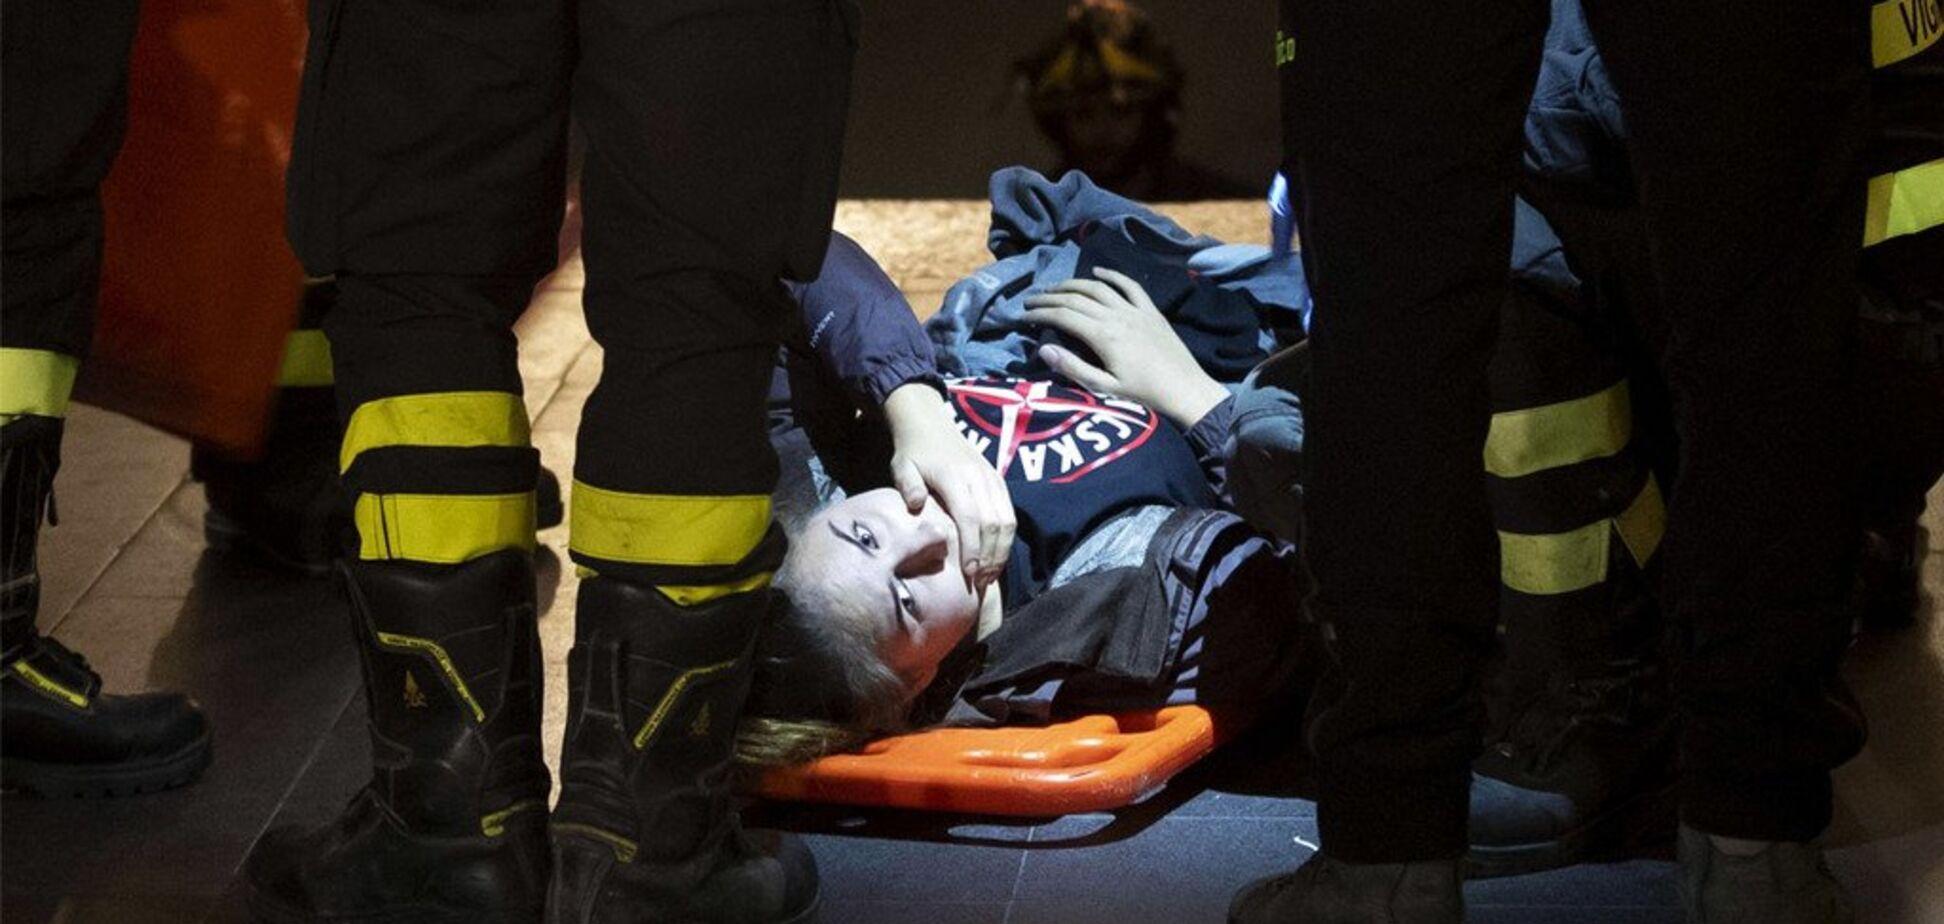 'Десятки пьяниц': МВД Италии раскрыло правду о пострадавших русских в метро Рима